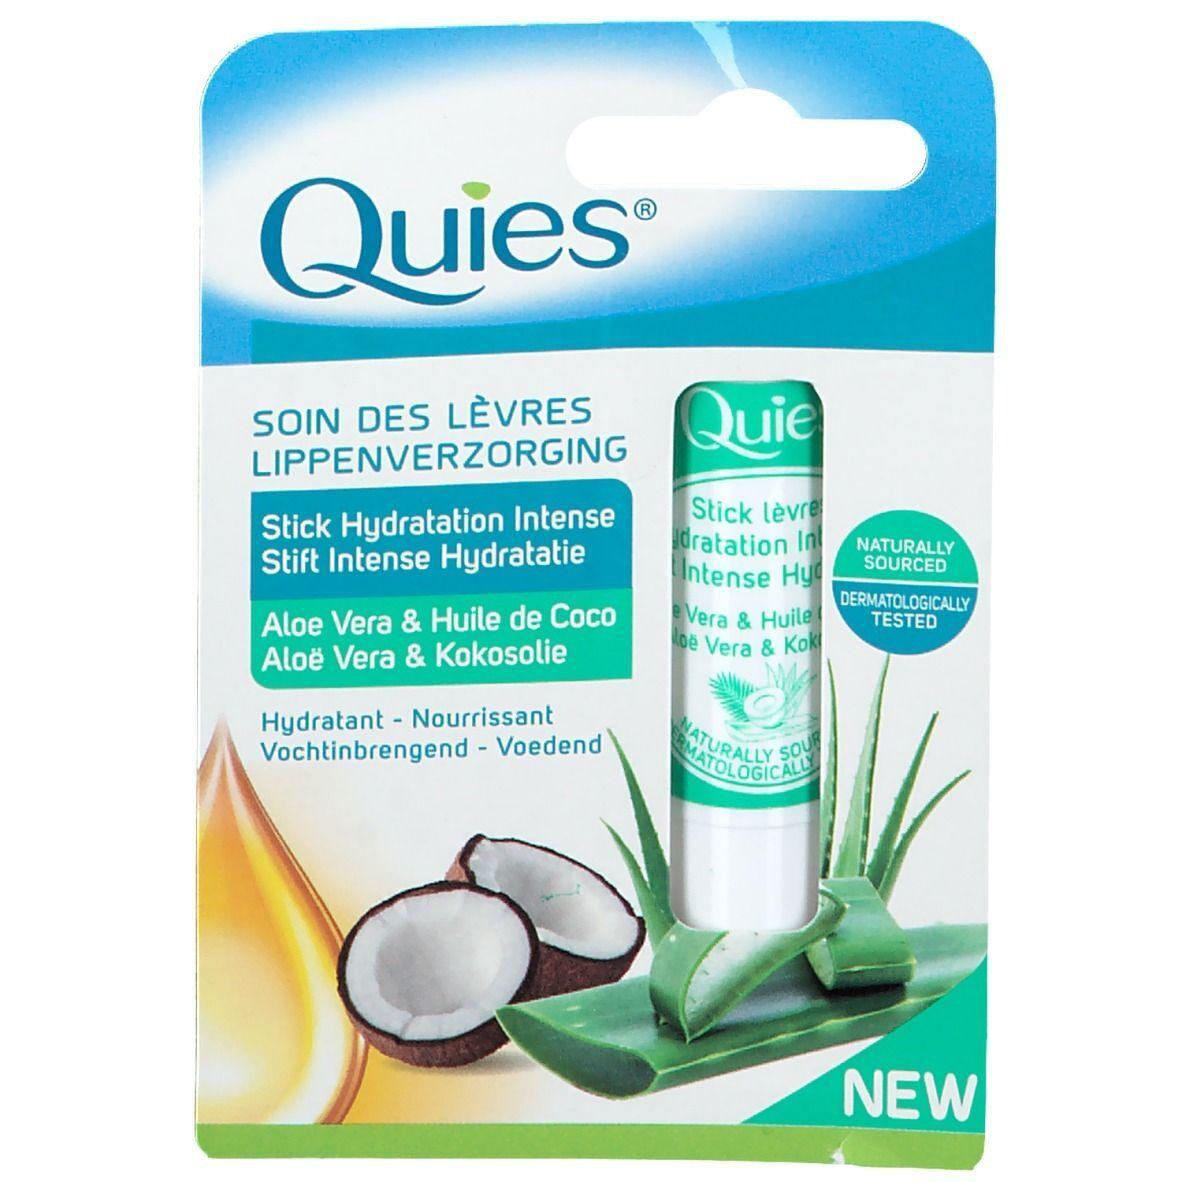 Quies® Stick Lèvres Hydratation Intense - Aloe-Vera & Huile de Coco g Autre